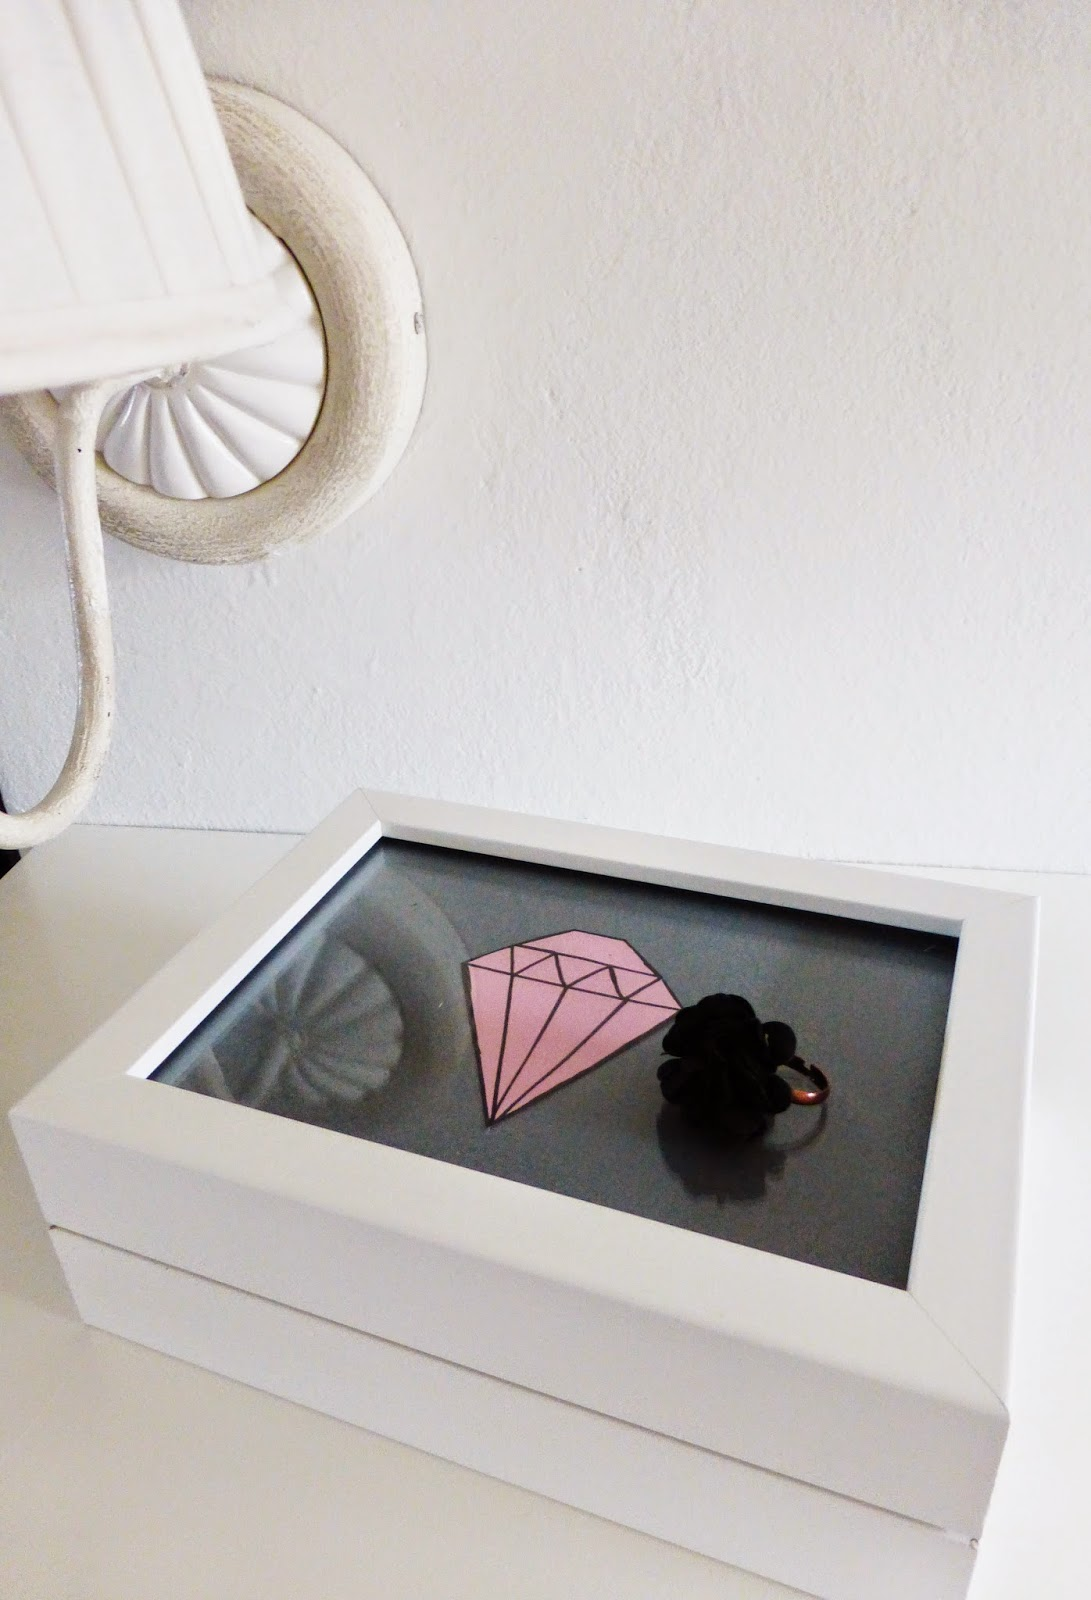 kerstin ich leben 5 am 5 unsere lieblingsposts aus zwei jahren posseliesje. Black Bedroom Furniture Sets. Home Design Ideas